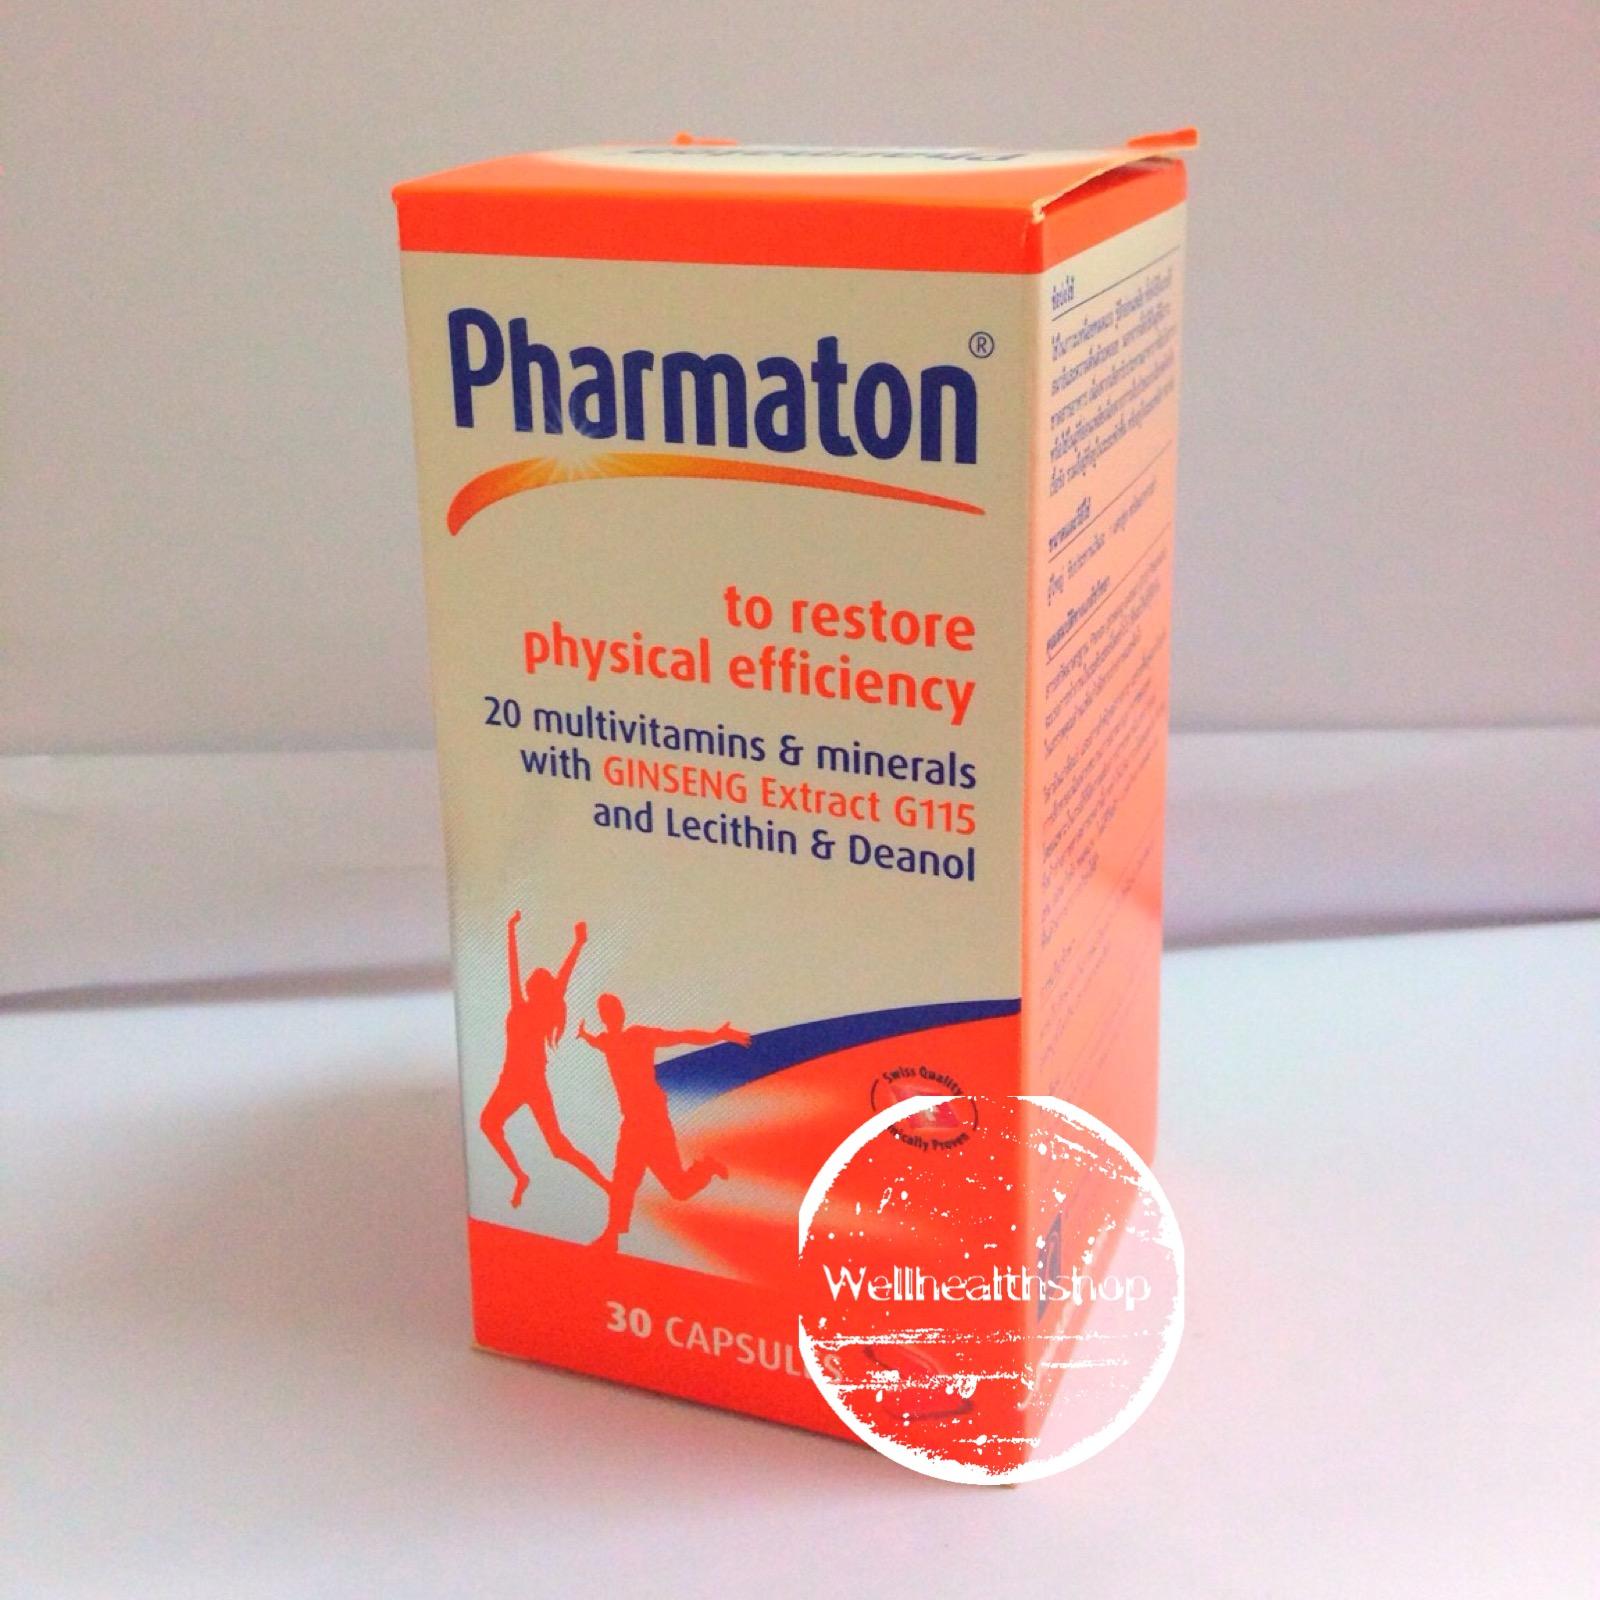 Pharmaton ฟาร์มาตอน วิตามินรวมและเกลือแร่ โสมสกัด G115